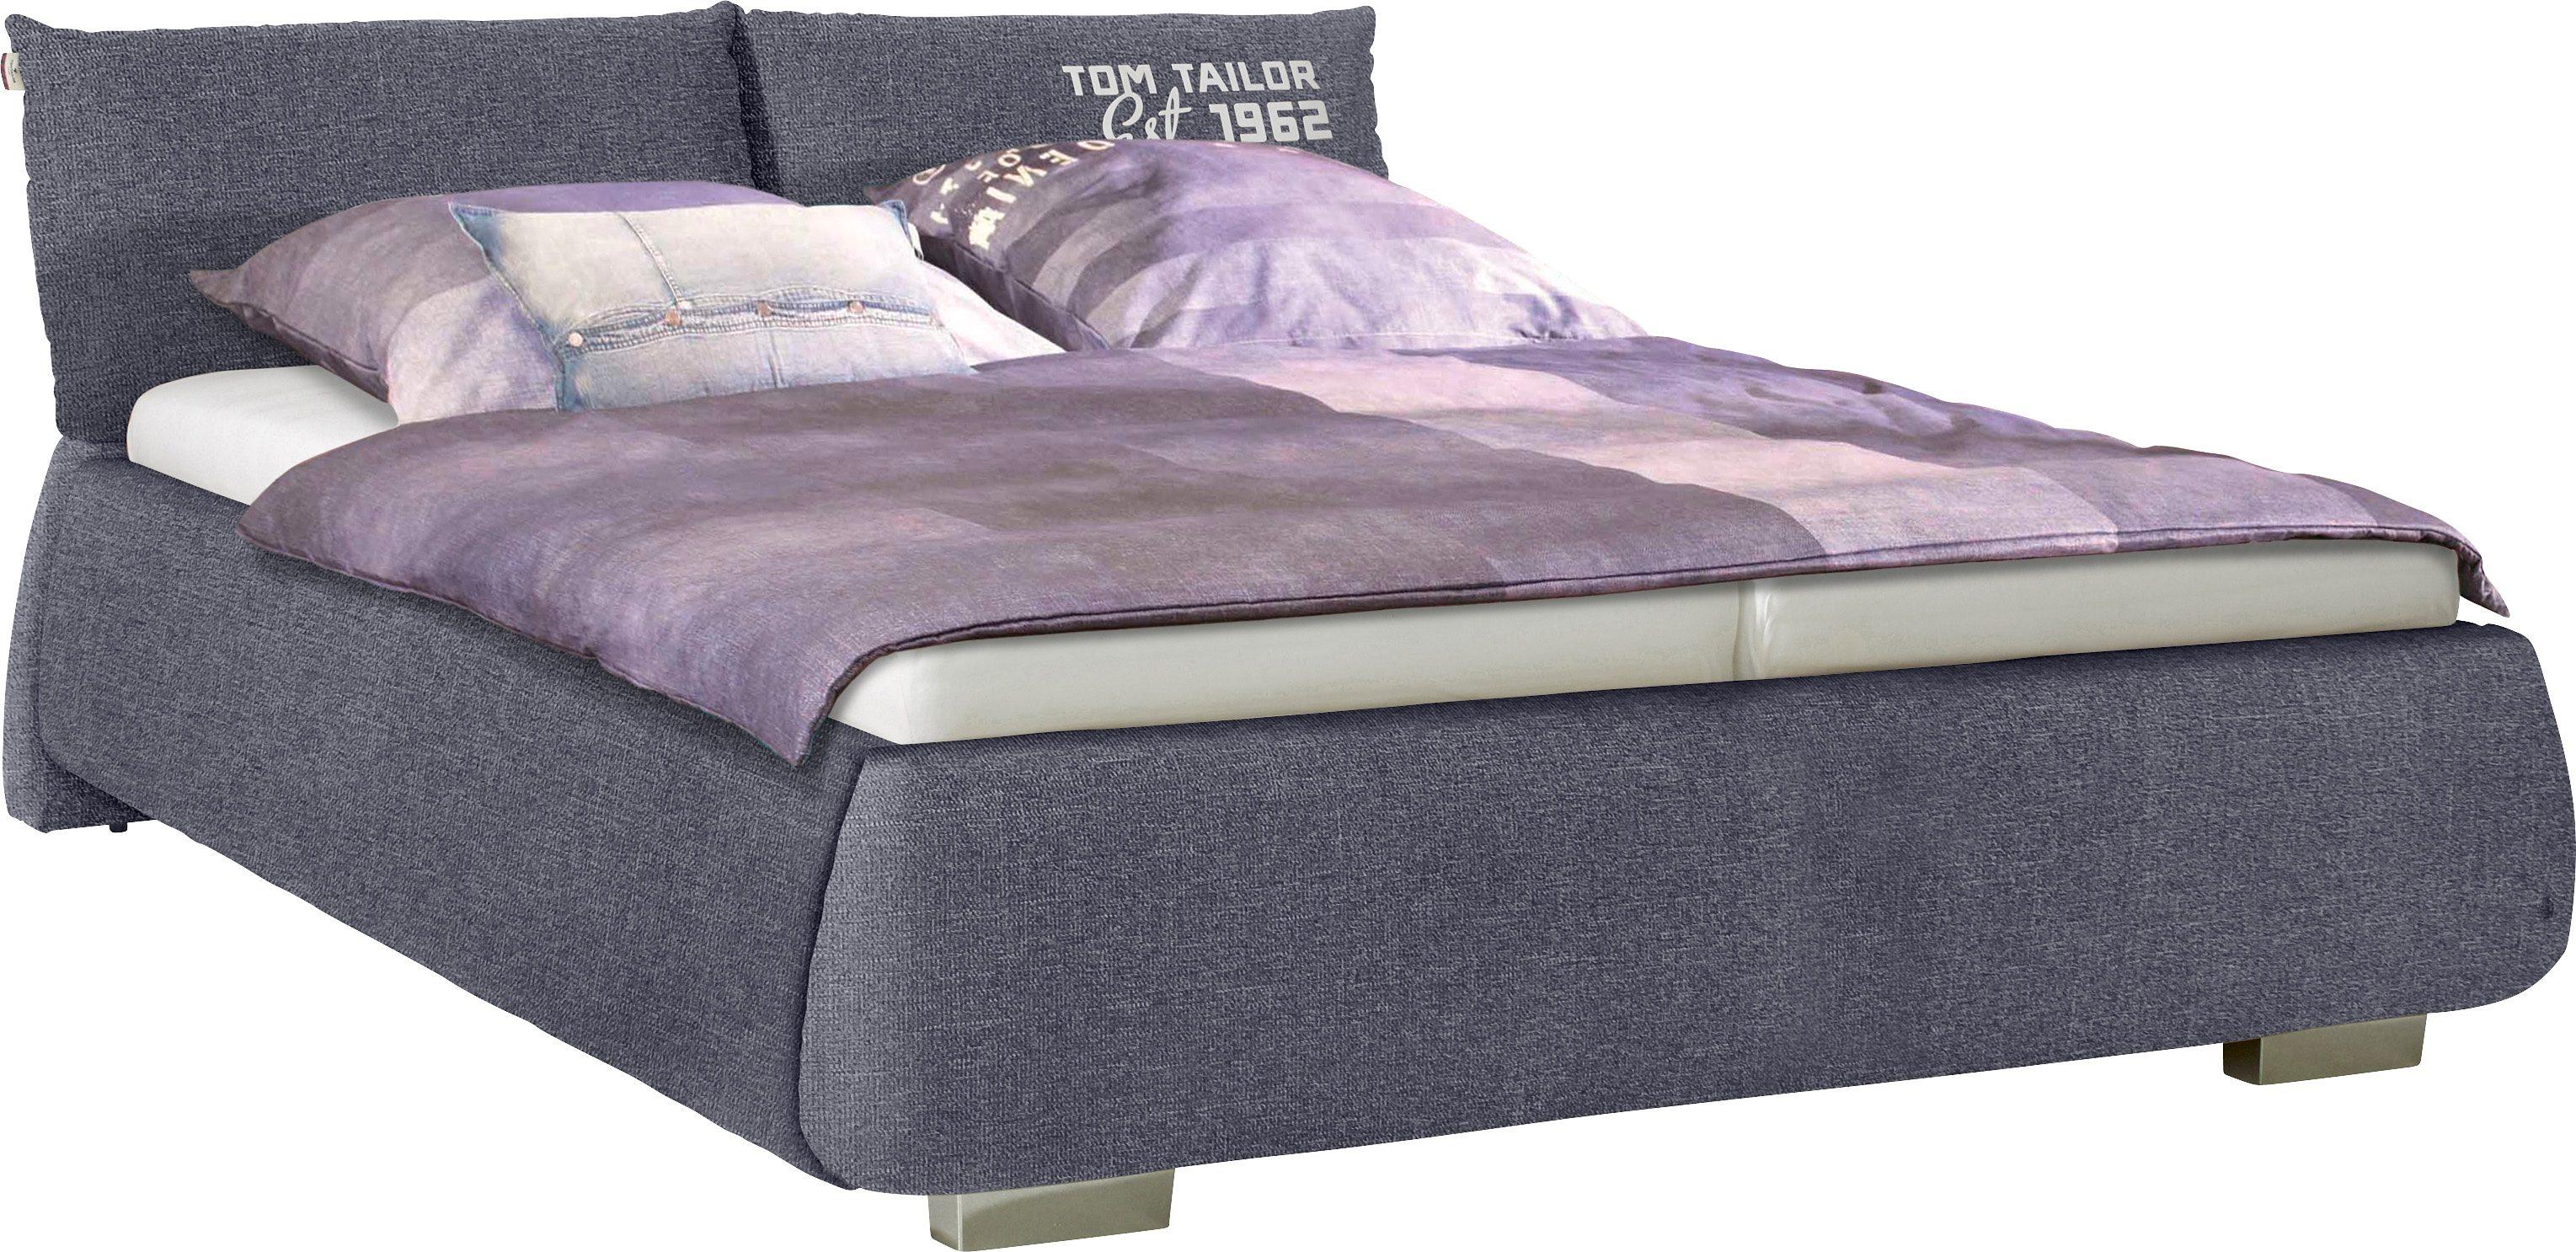 TOM TAILOR Polsterbett SOFT PILLOW | Schlafzimmer > Betten > Polsterbetten | Grau | Kunstleder - Kunststoff | Tom Tailor